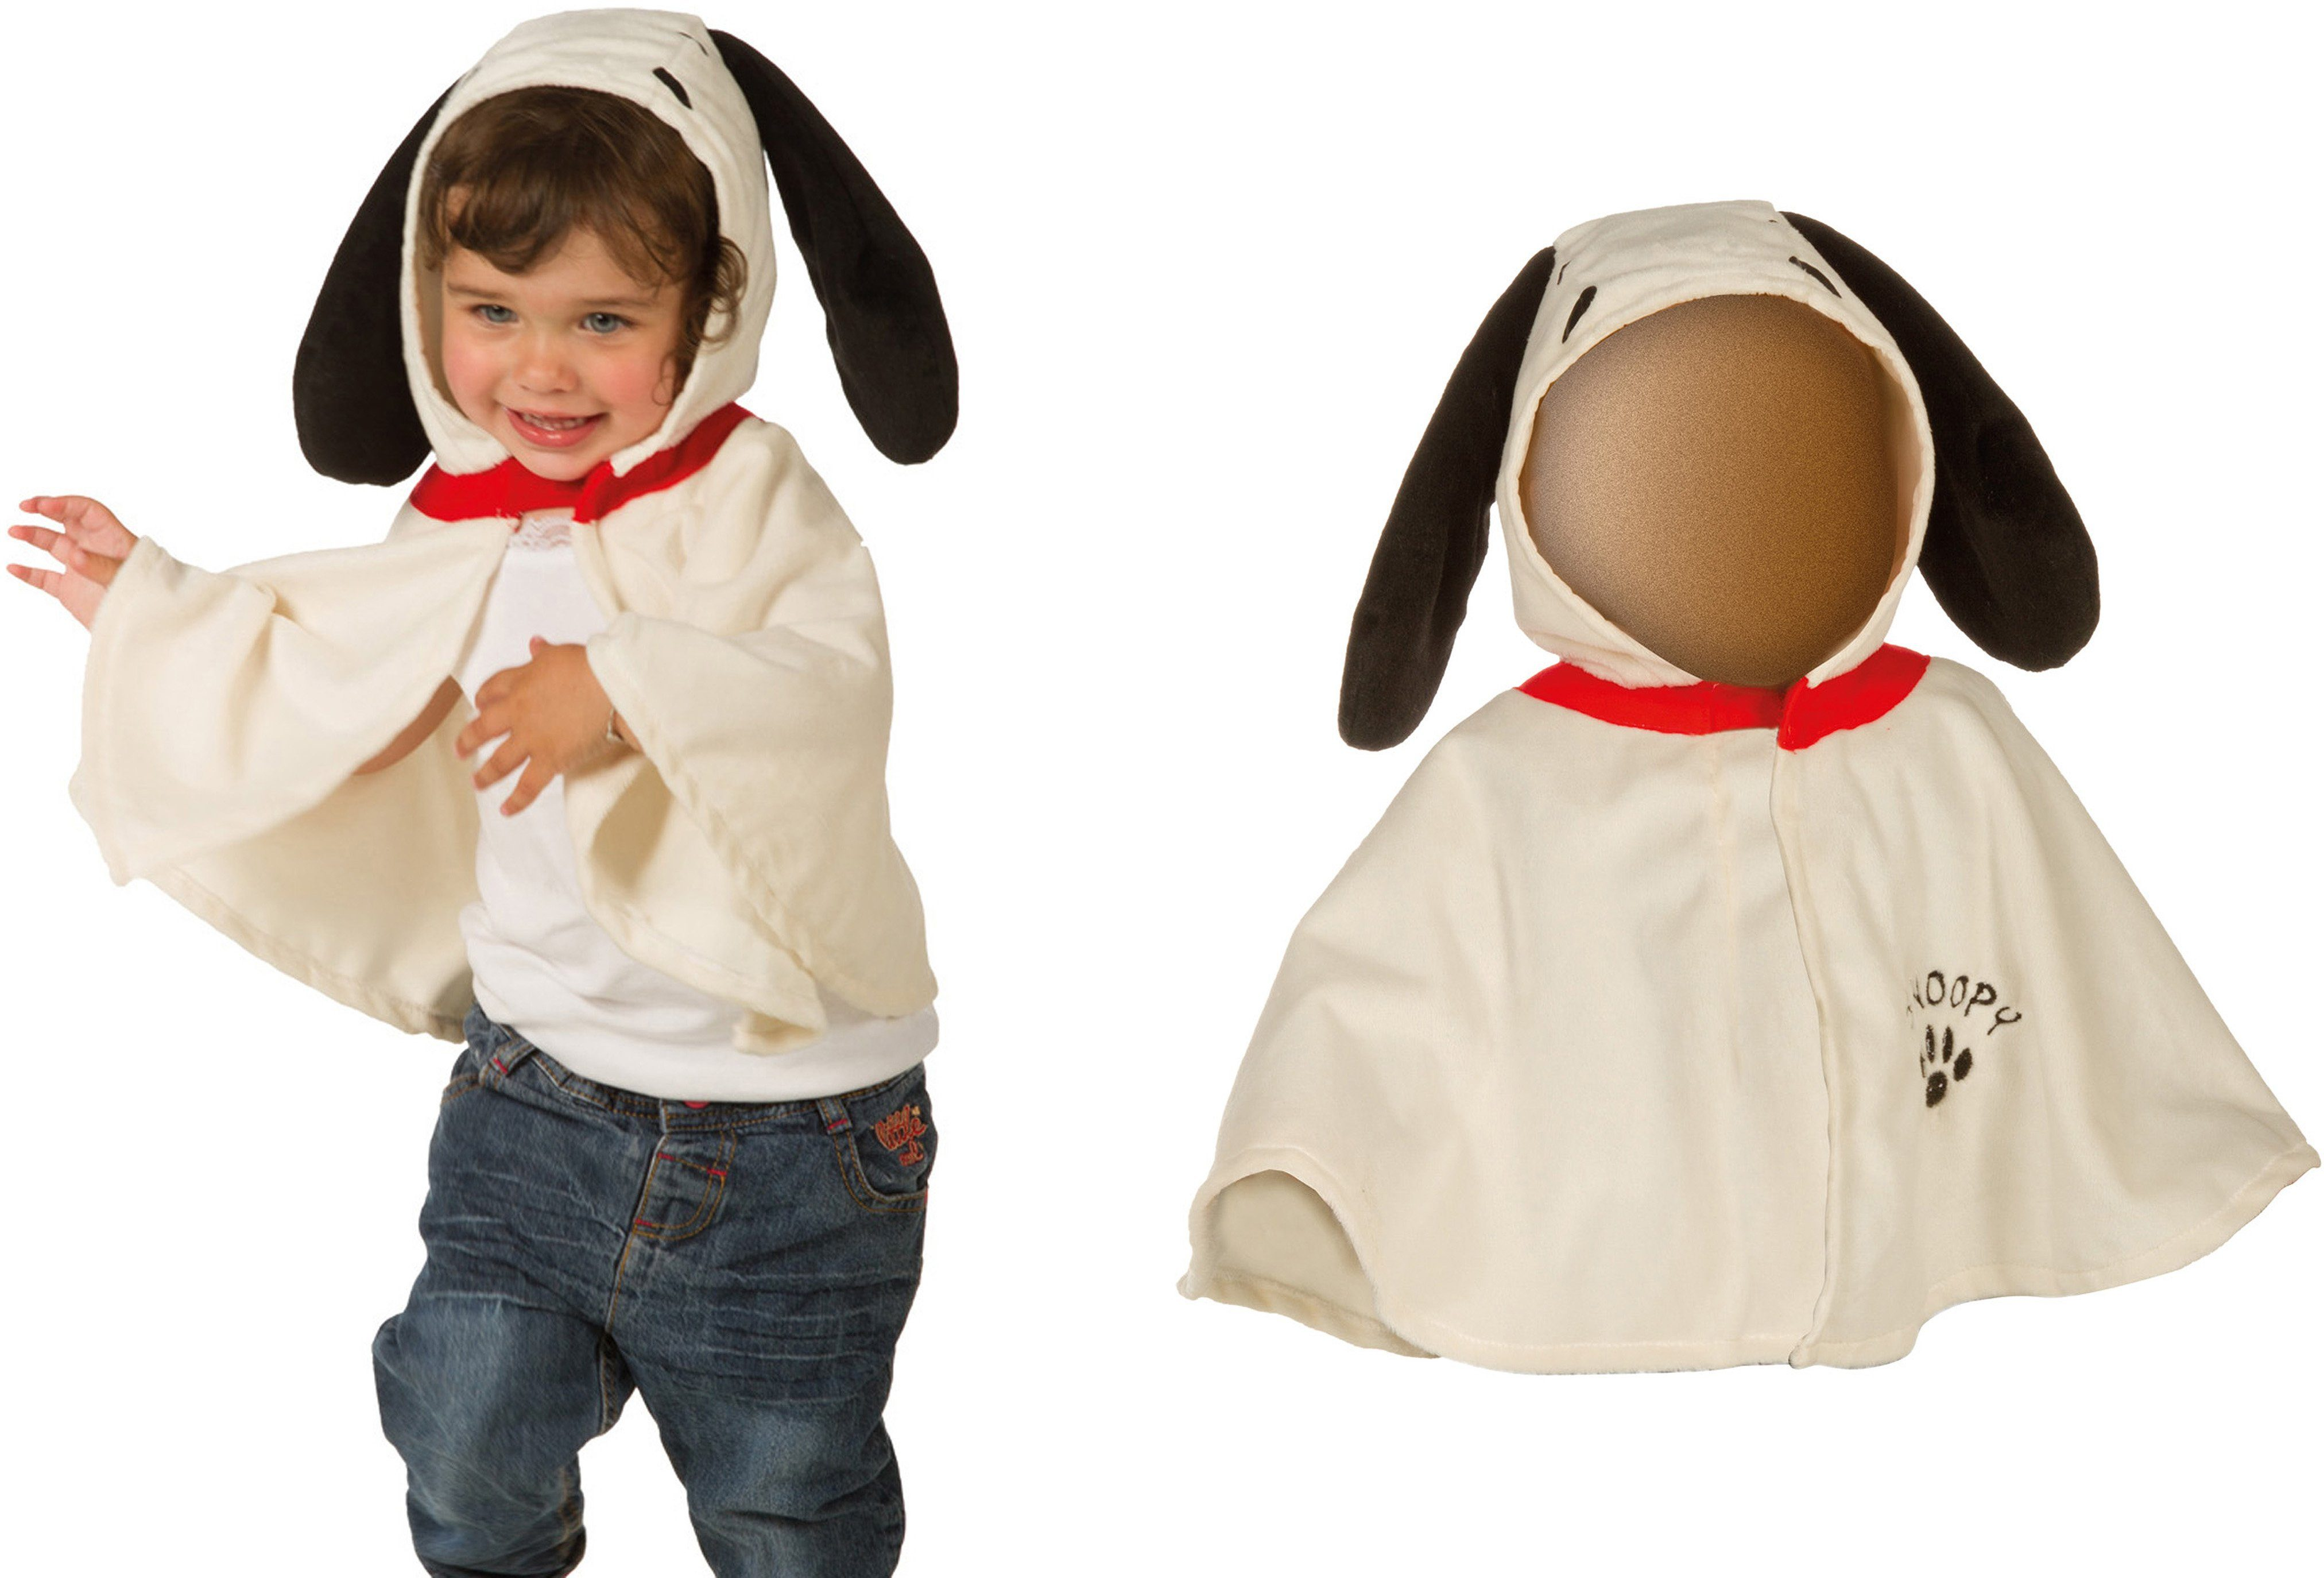 Heunec Karneval Cape für Kinder, Größe 86-110, »Karneval Kinder-Cape Snoopy«